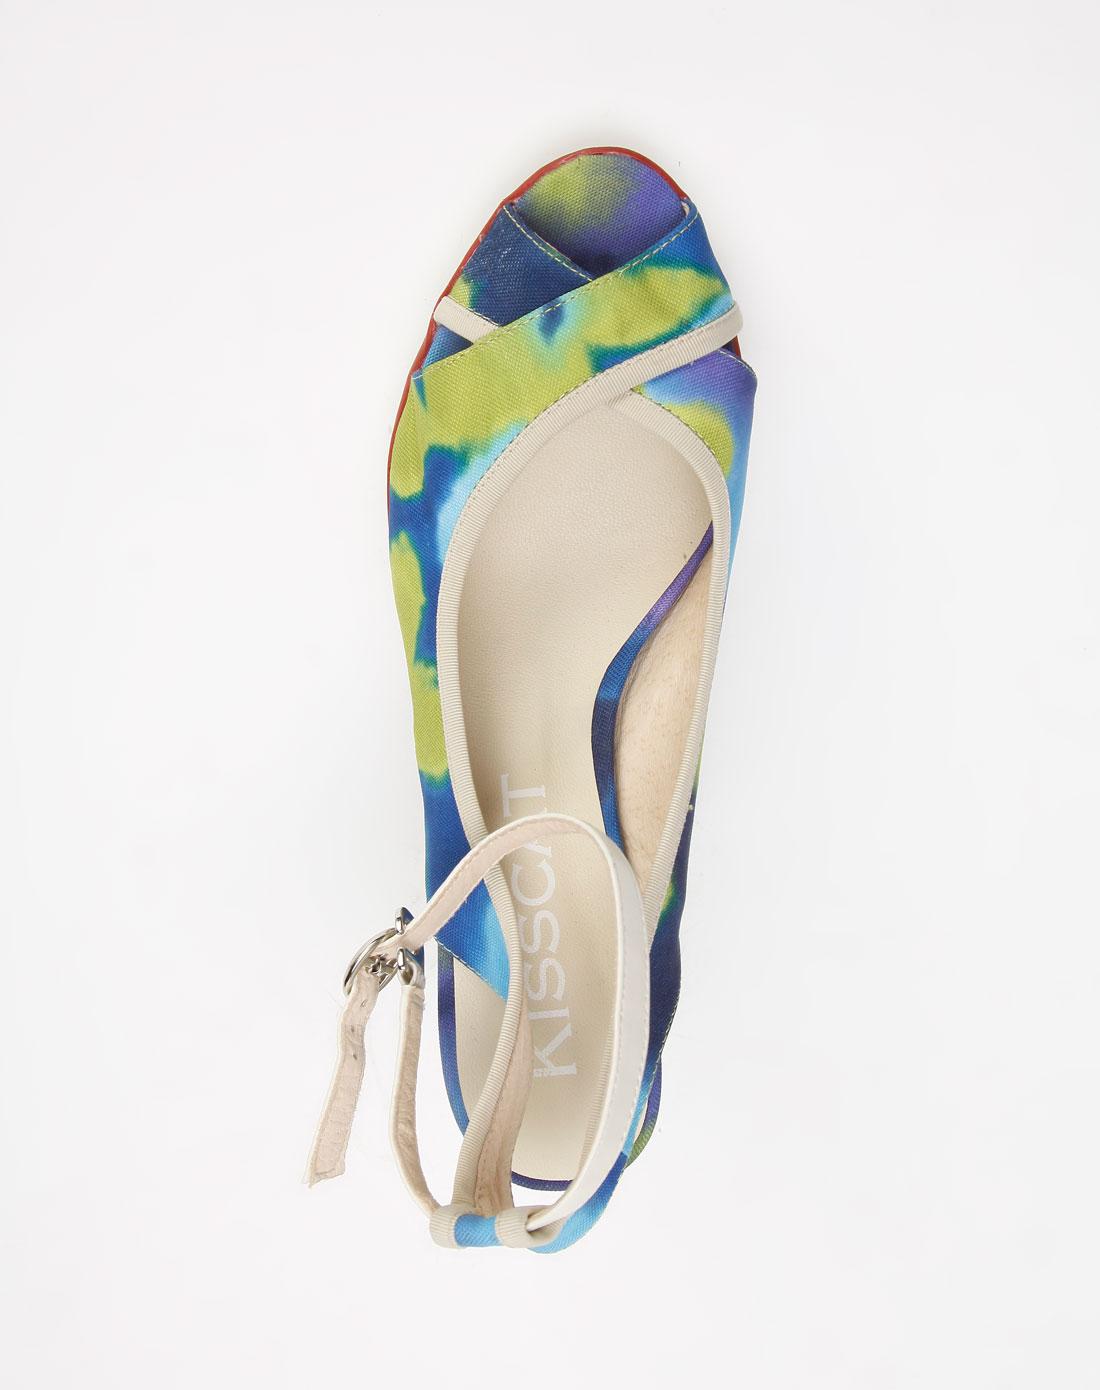 蓝/紫/绿色花布凉鞋_kisscat官